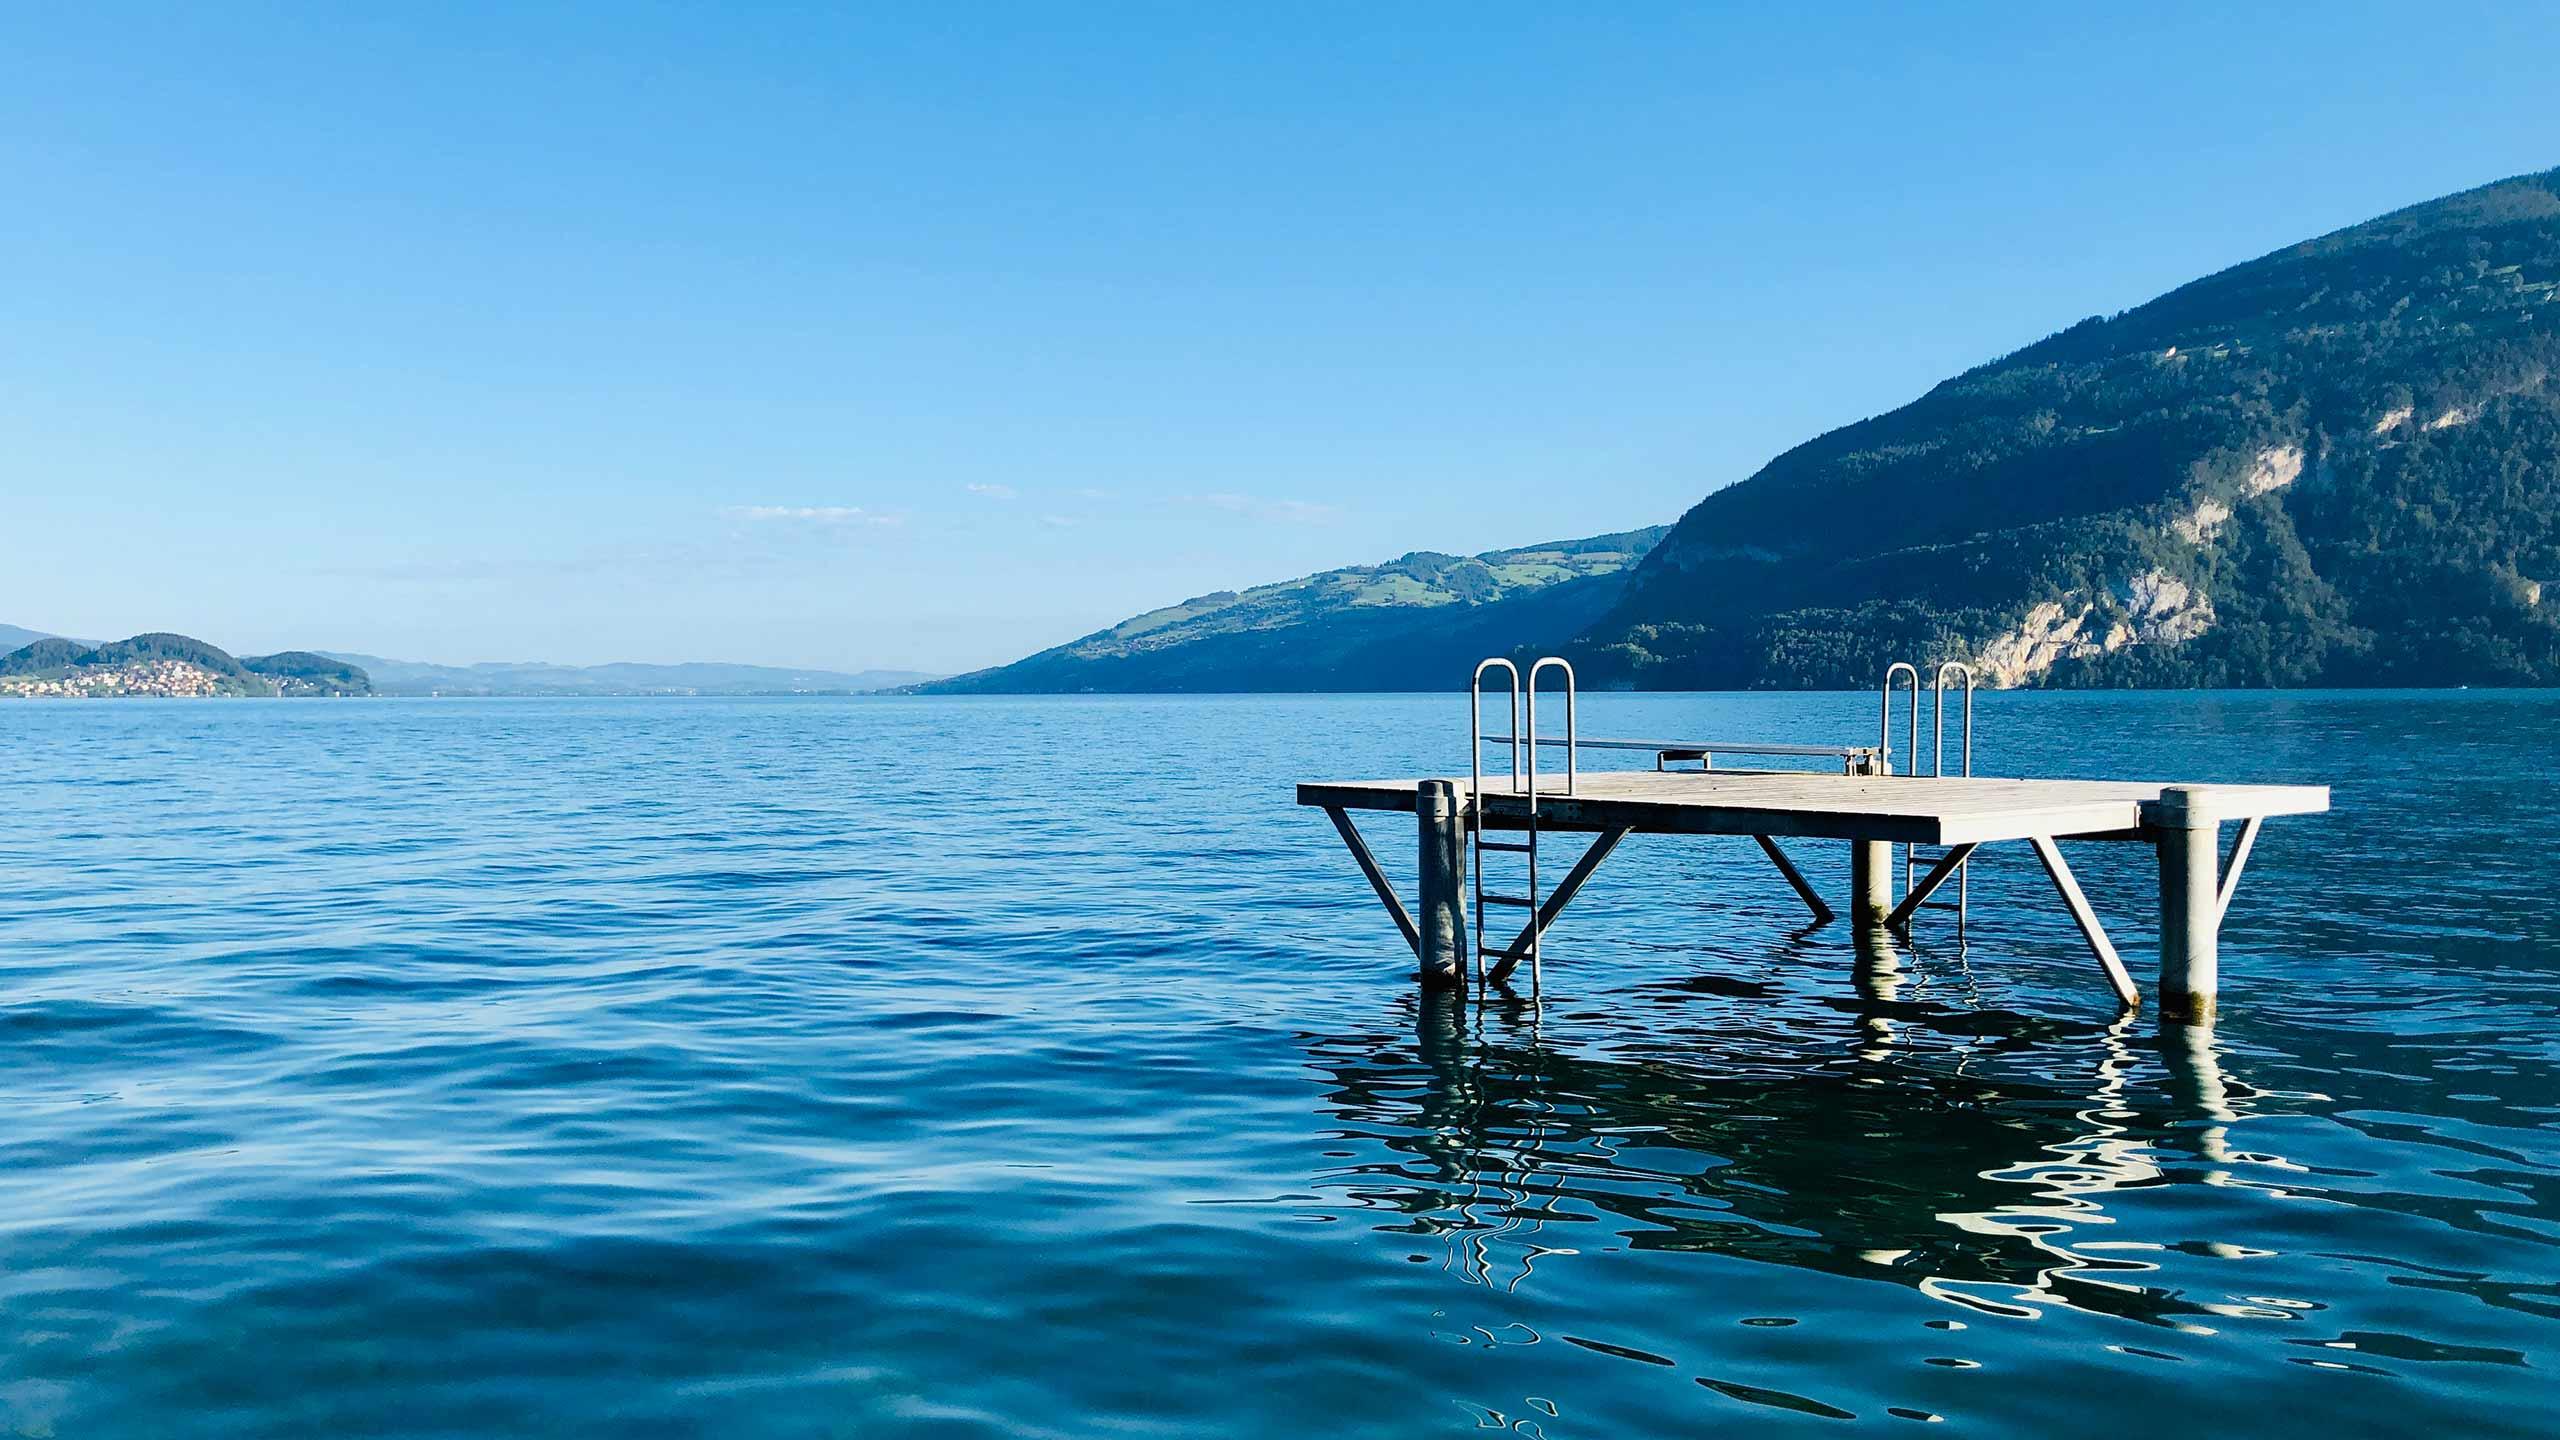 strandbad-leissigen-sommer-badi-floss-thunersee.jpg